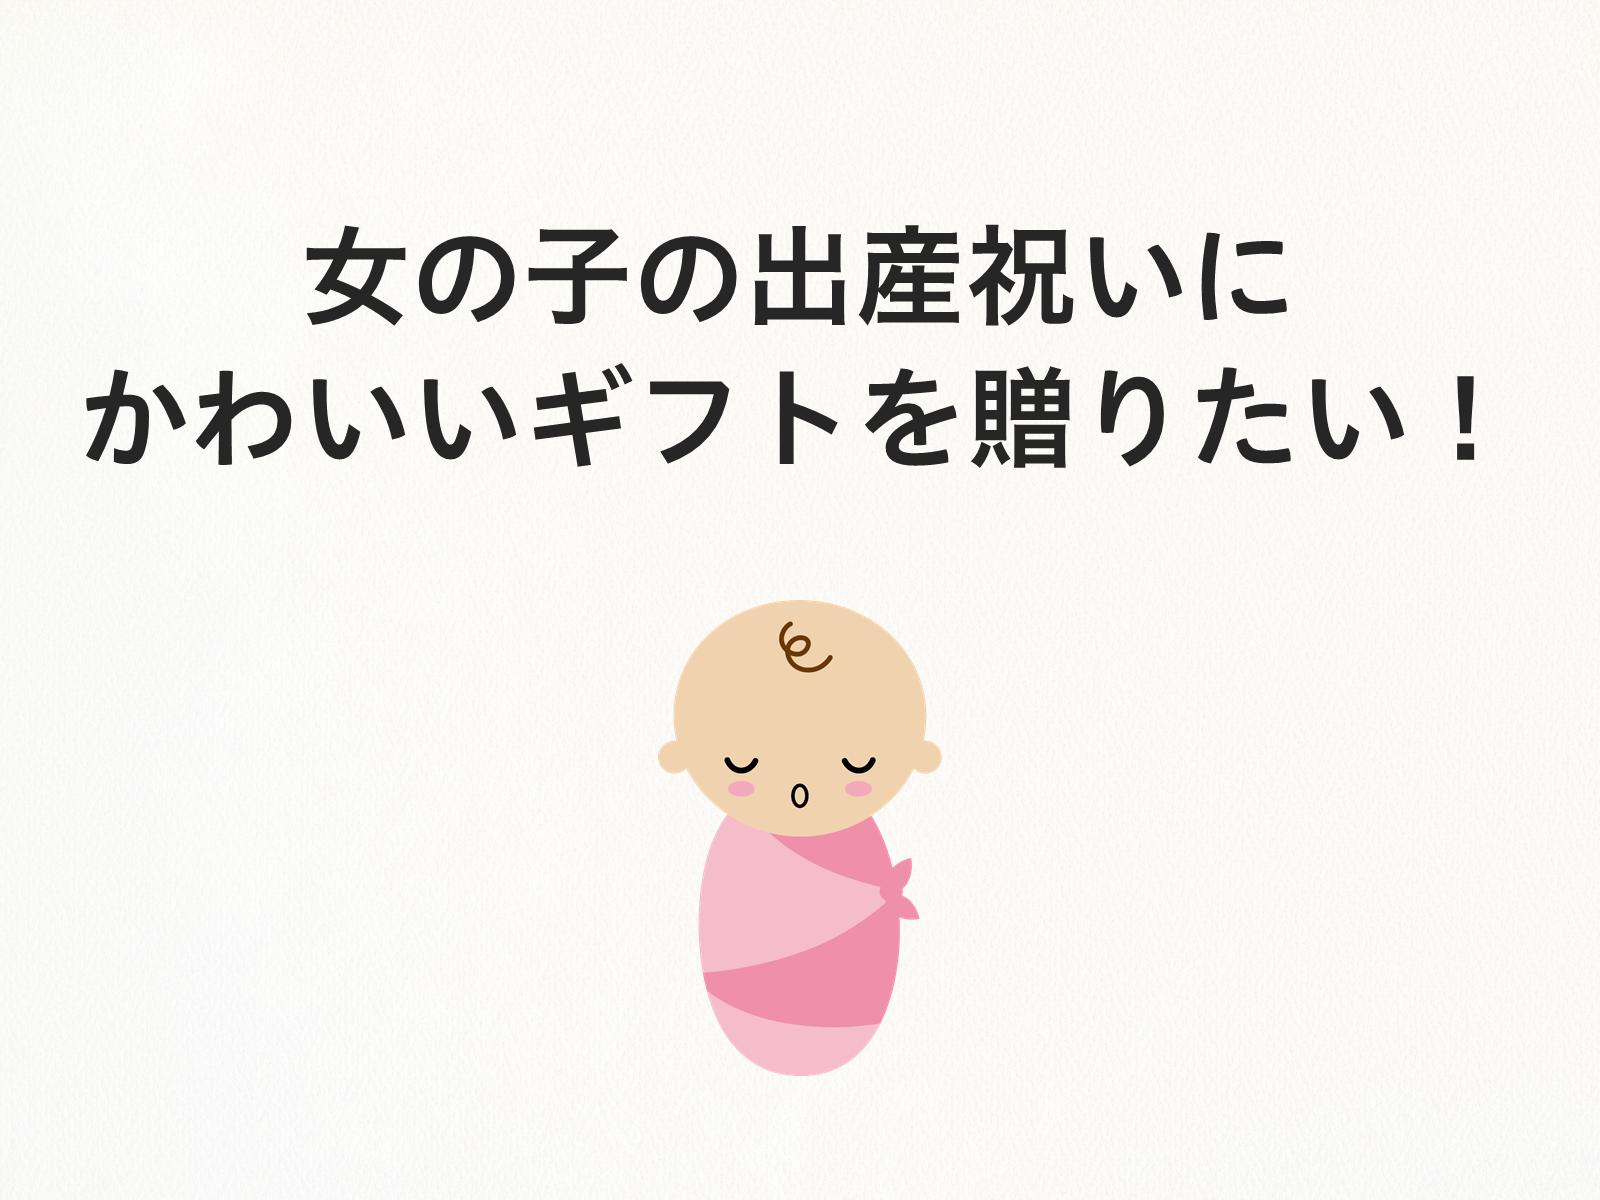 女の子の出産祝いにかわいいギフトを贈りたい